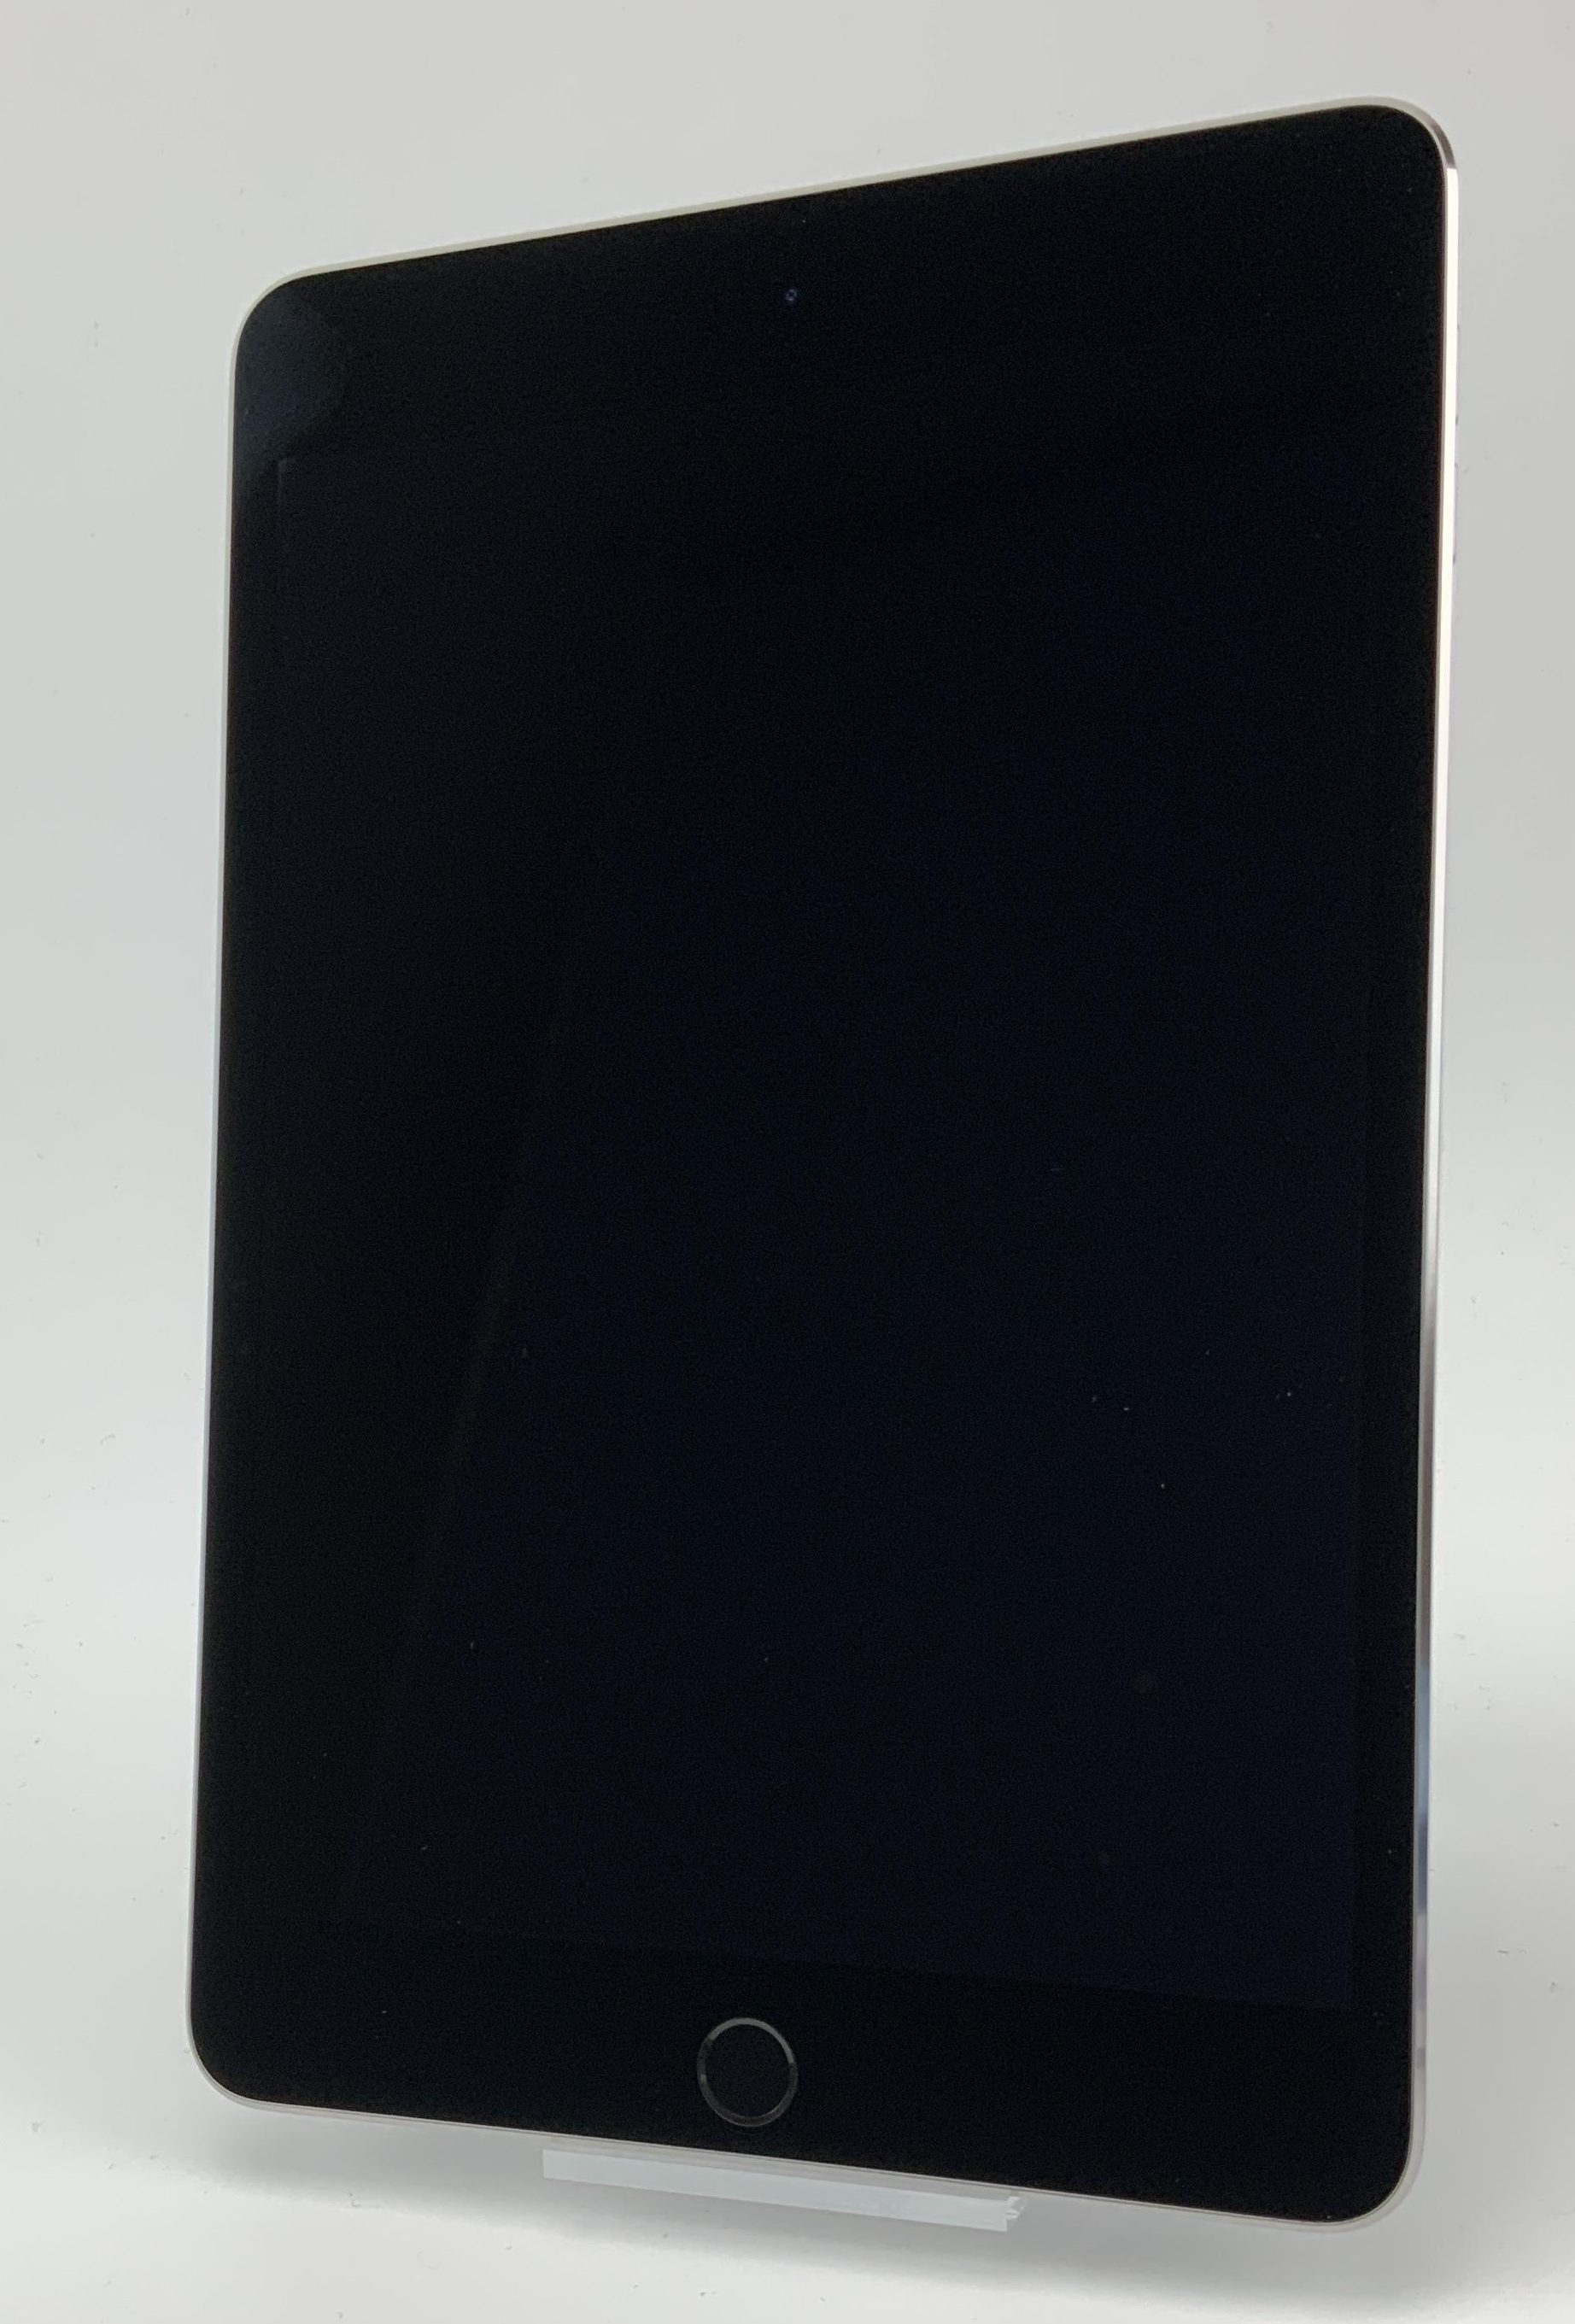 iPad mini 4 Wi-Fi 128GB, 128GB, Space Gray, bild 1